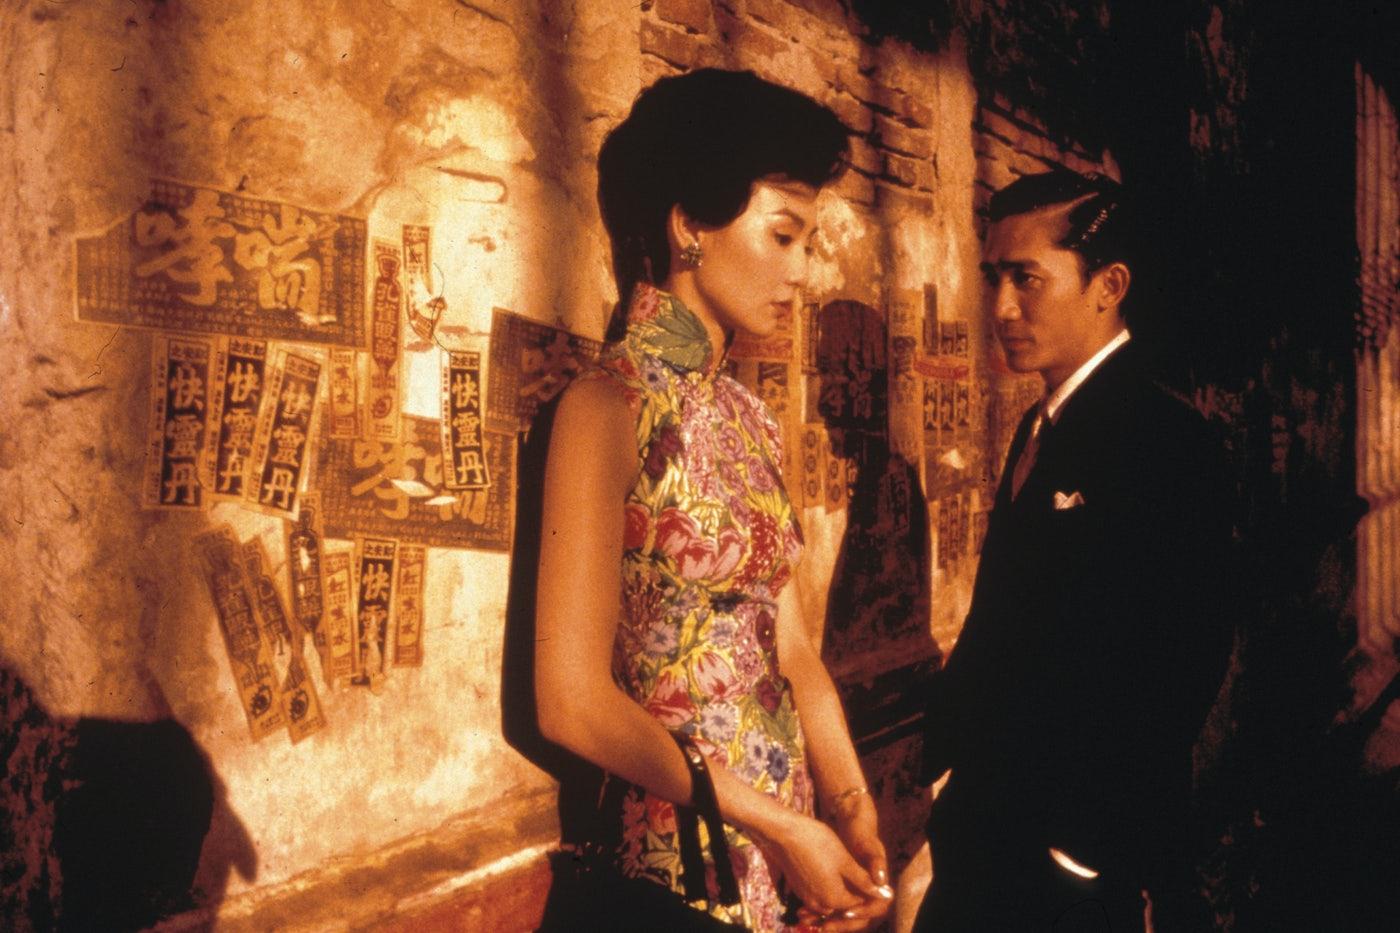 Wong-Kar-Wai-Film-Collection